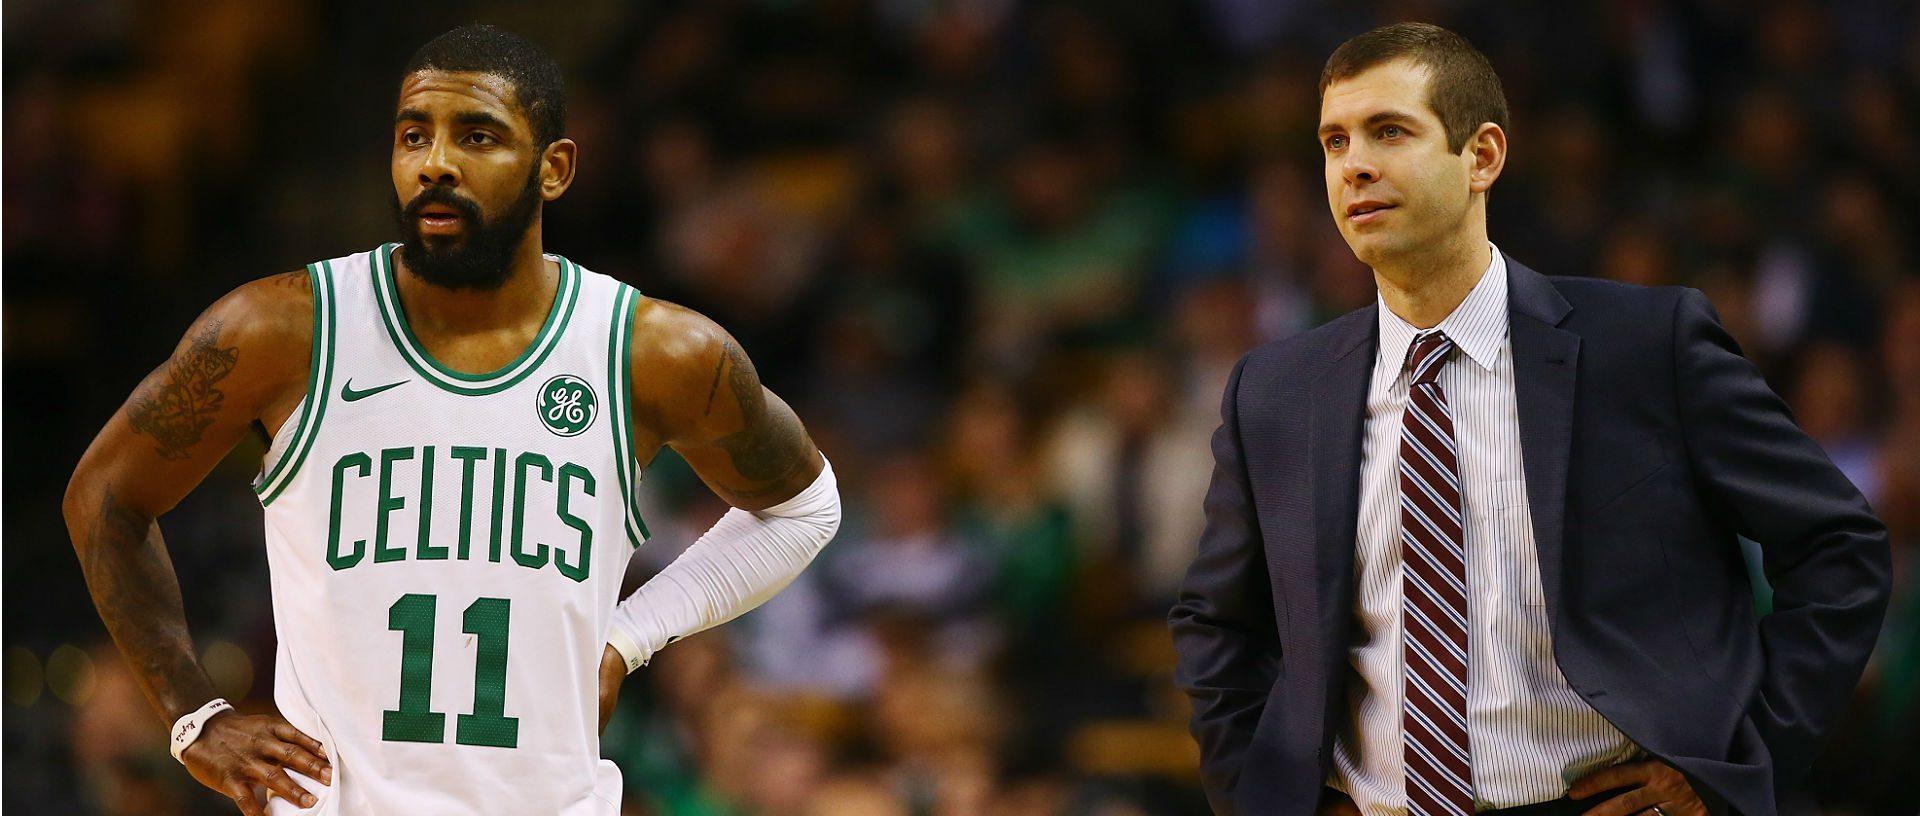 Kyrie Irving sous le maillot des Boston Celtics avec son coach, Brad Stevens